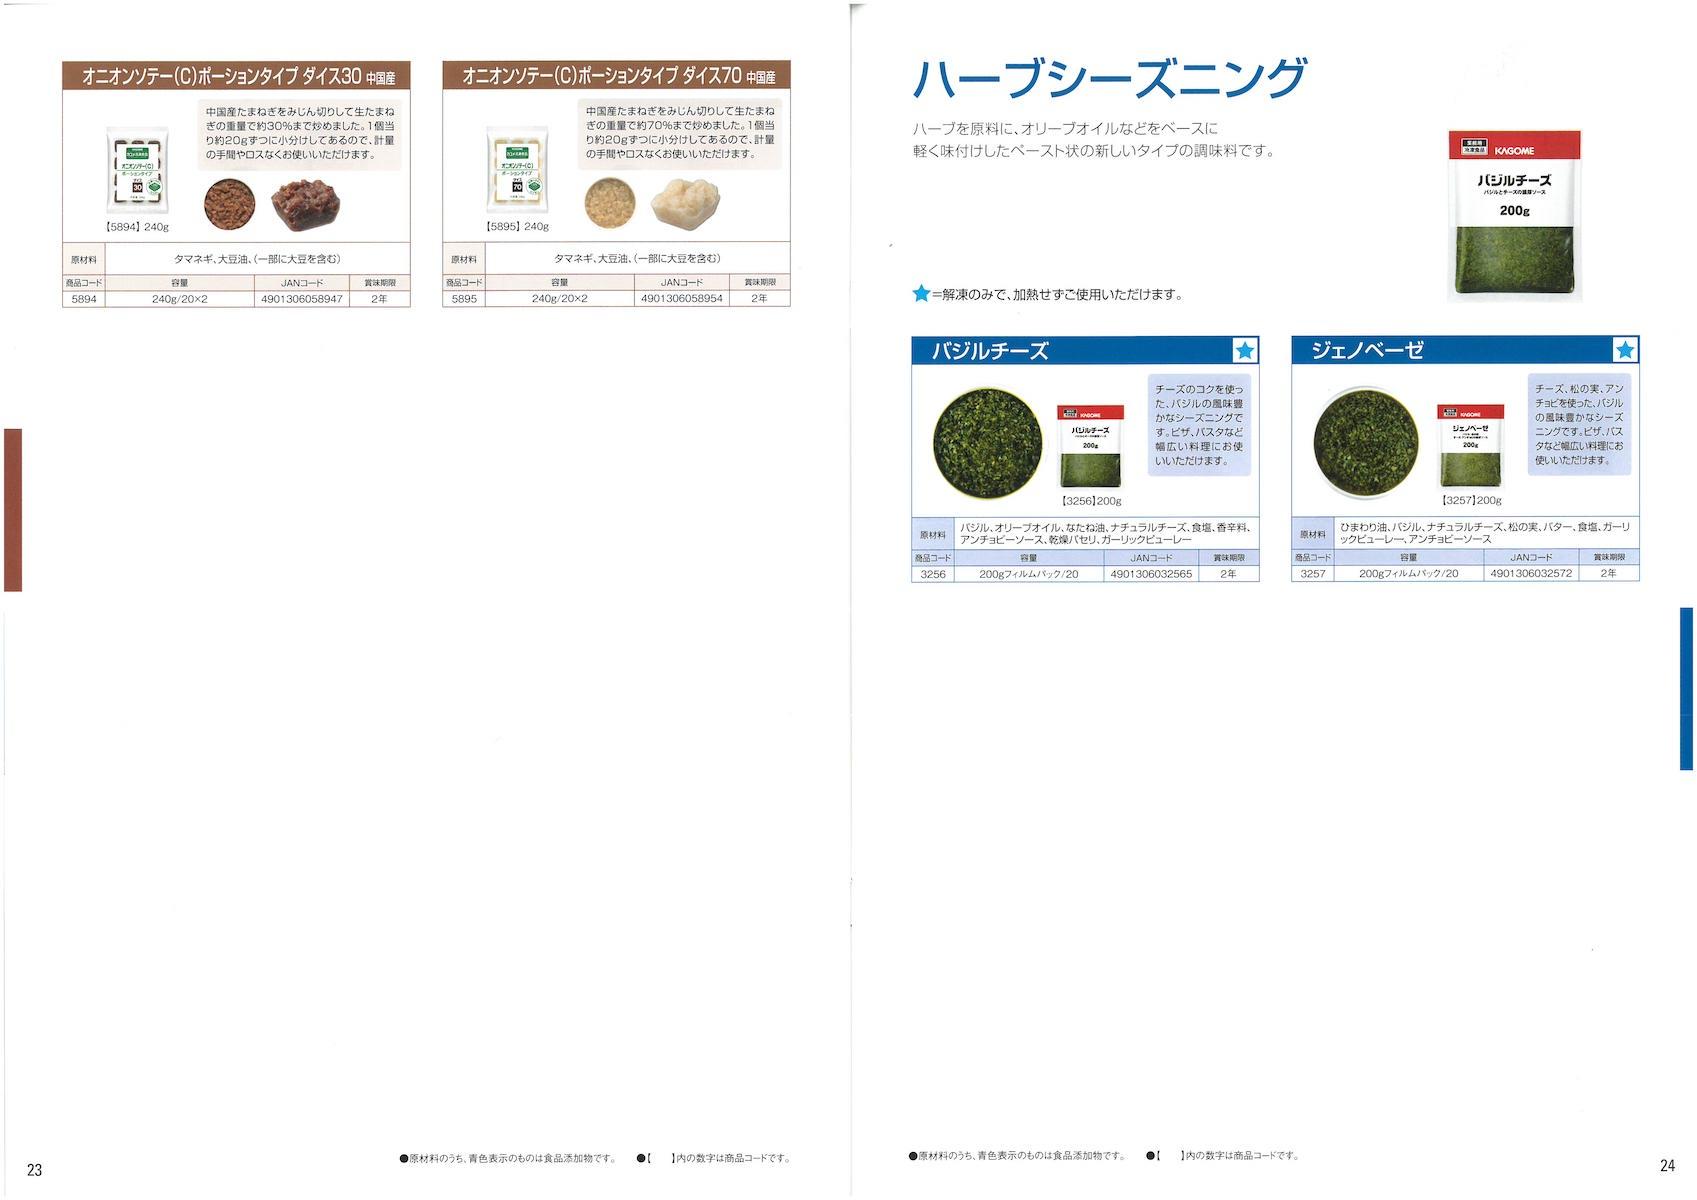 カゴメ業務用冷凍食品 2018